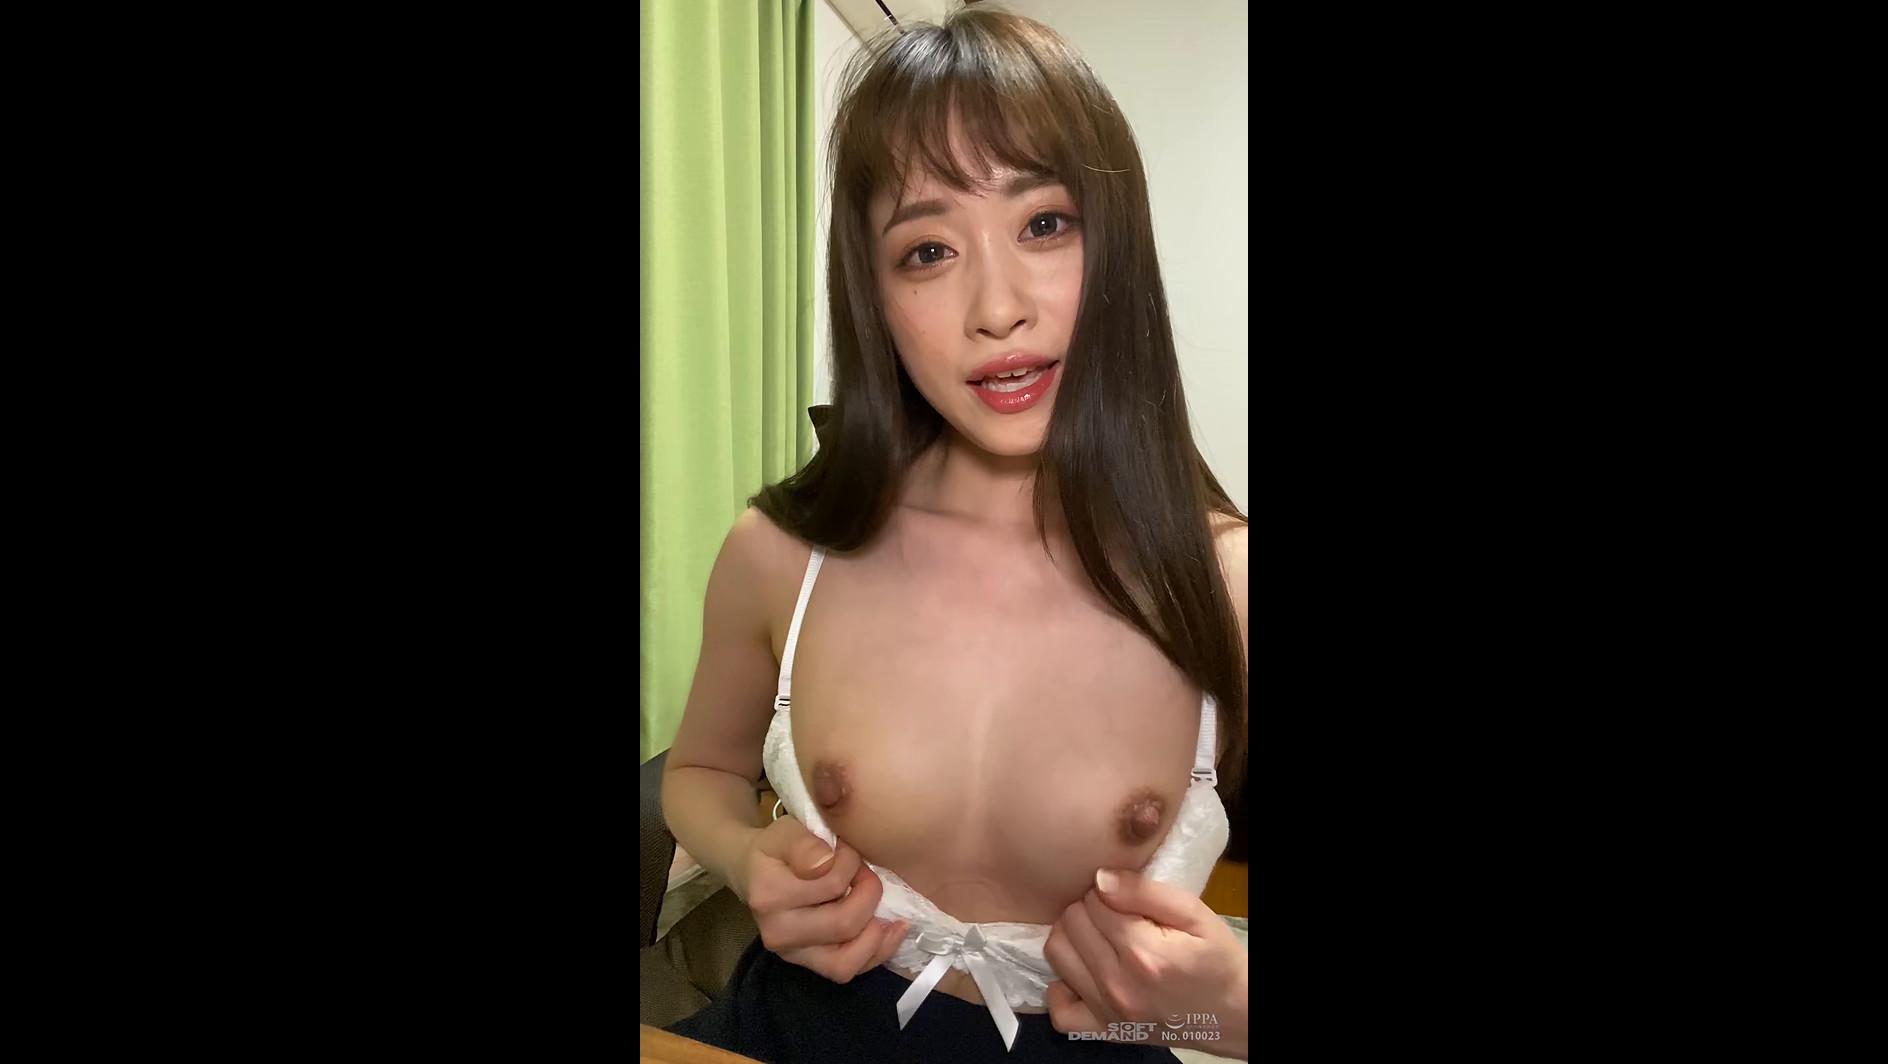 ビデオ通話エッチ JOIゆうは 【縦動画】 画像4